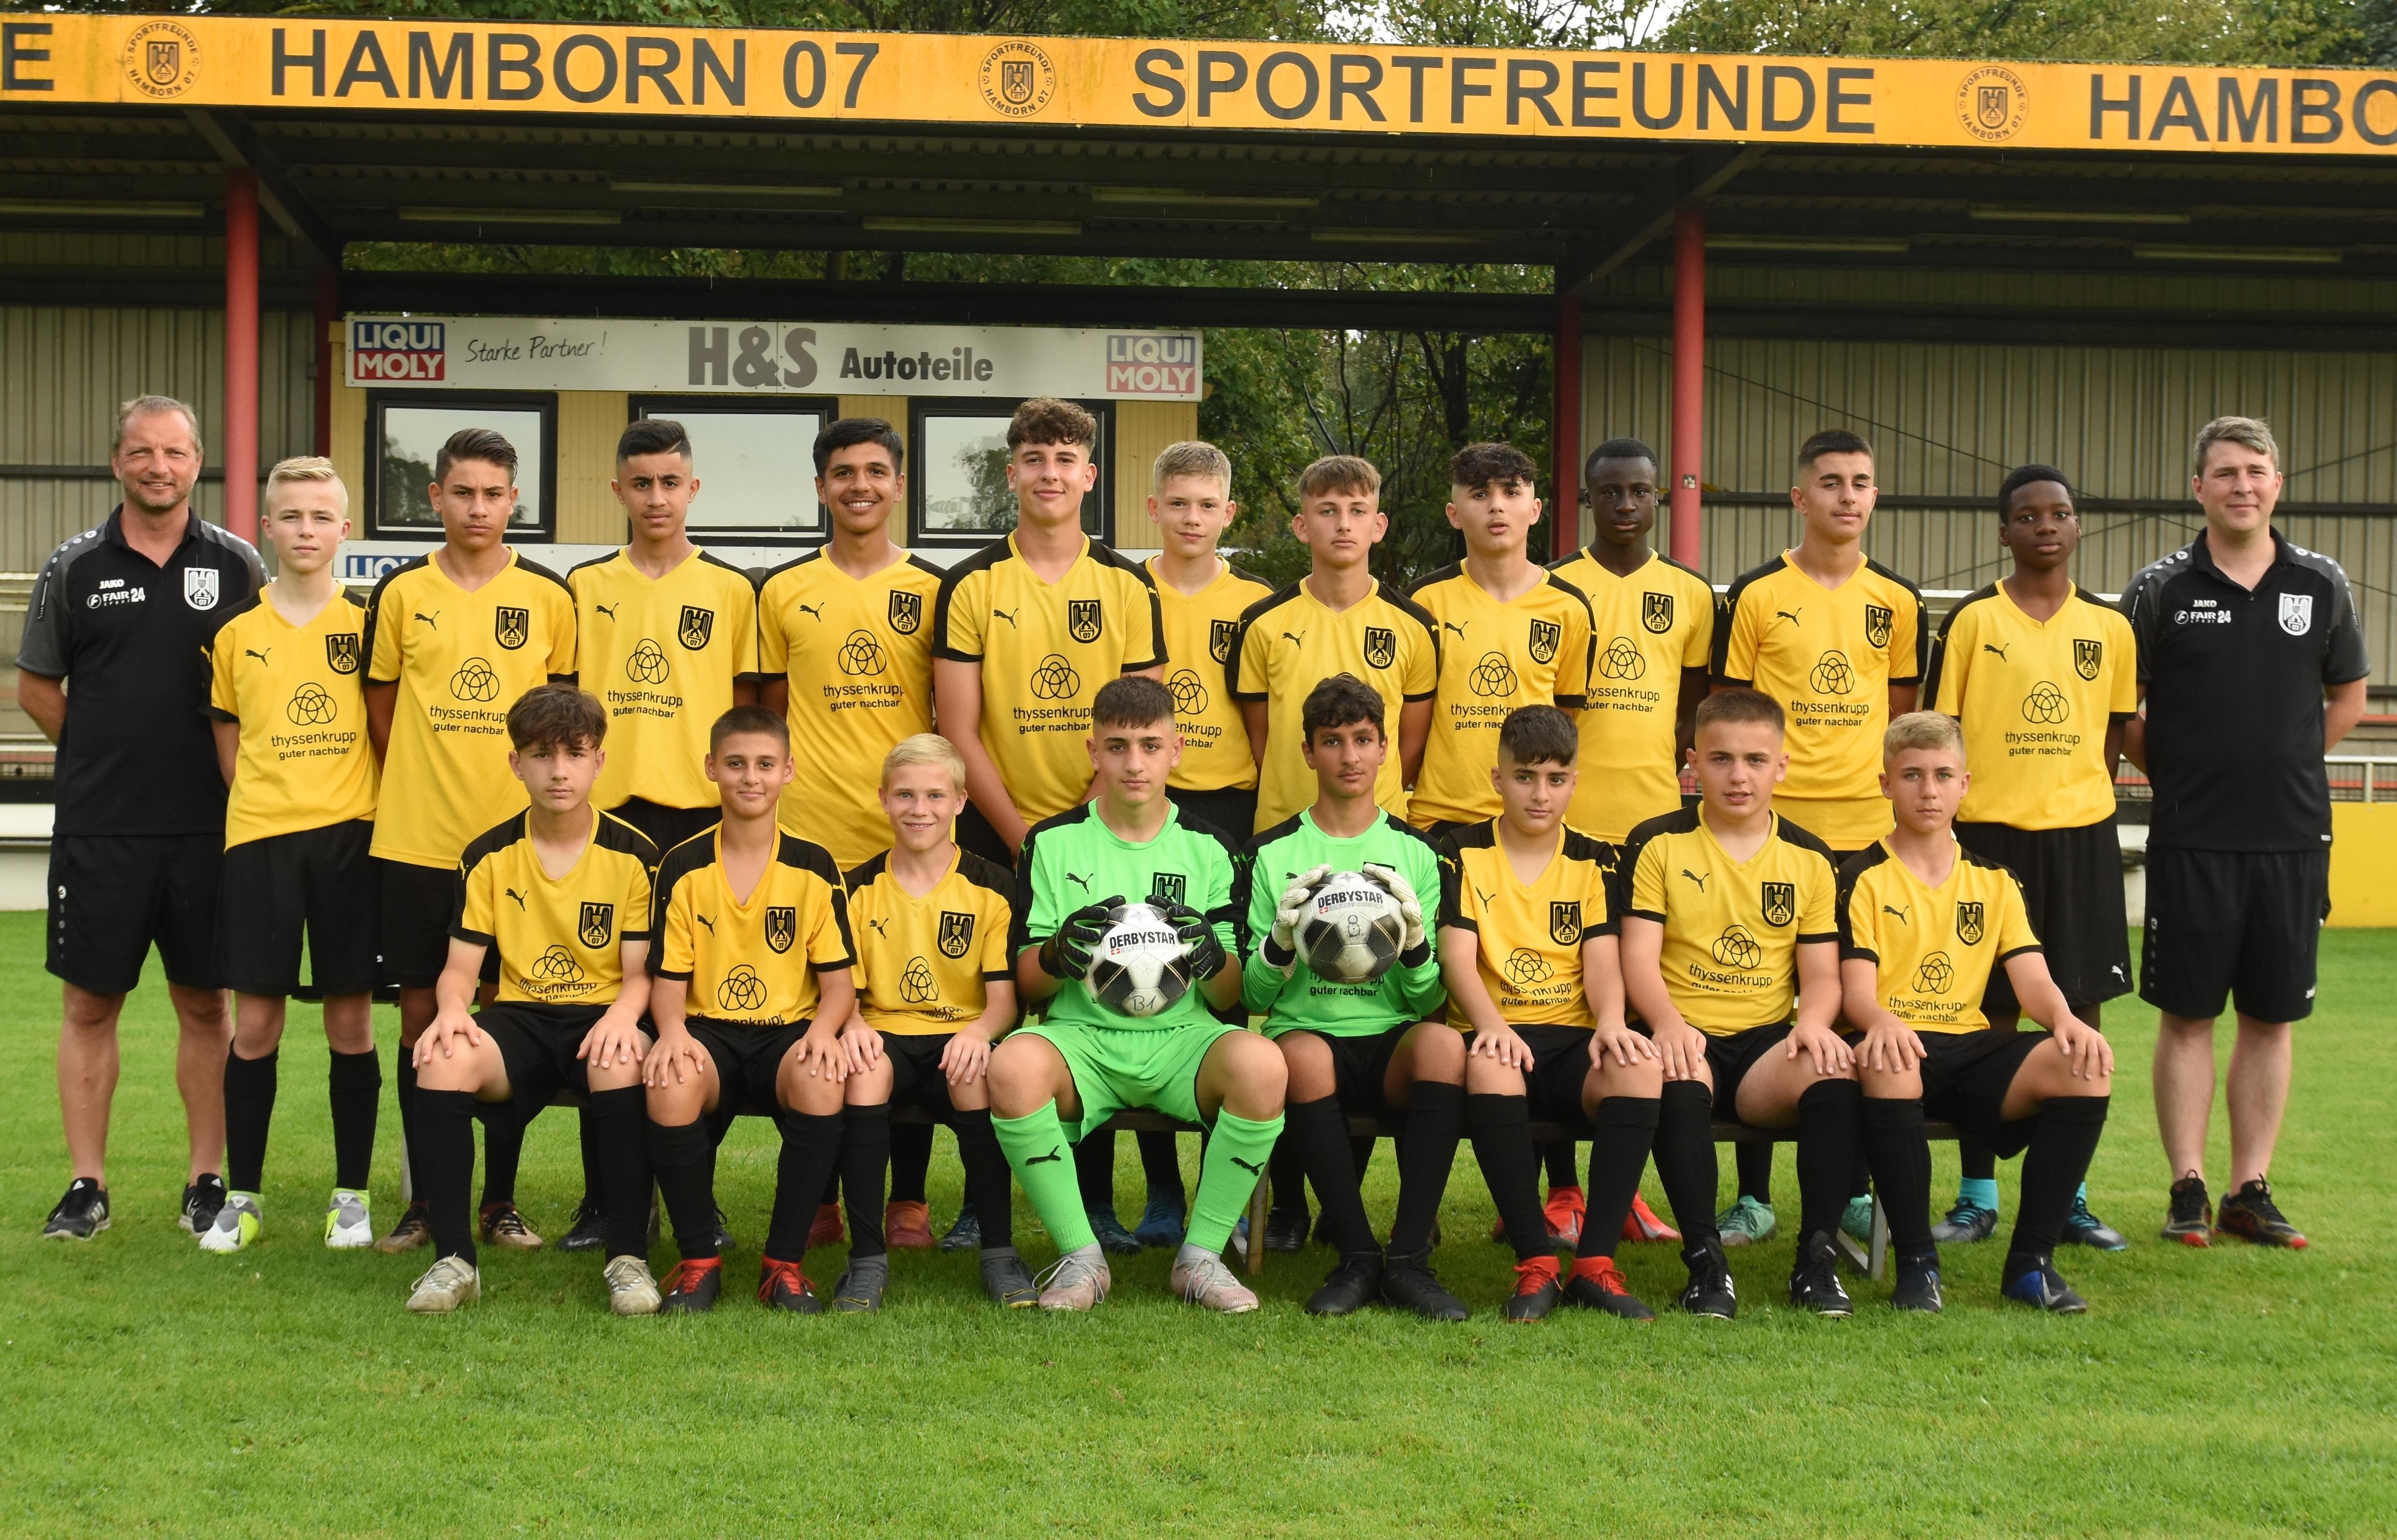 Herzlich willkommen - U15 SF Hamborn 07 Saison 2016/2017